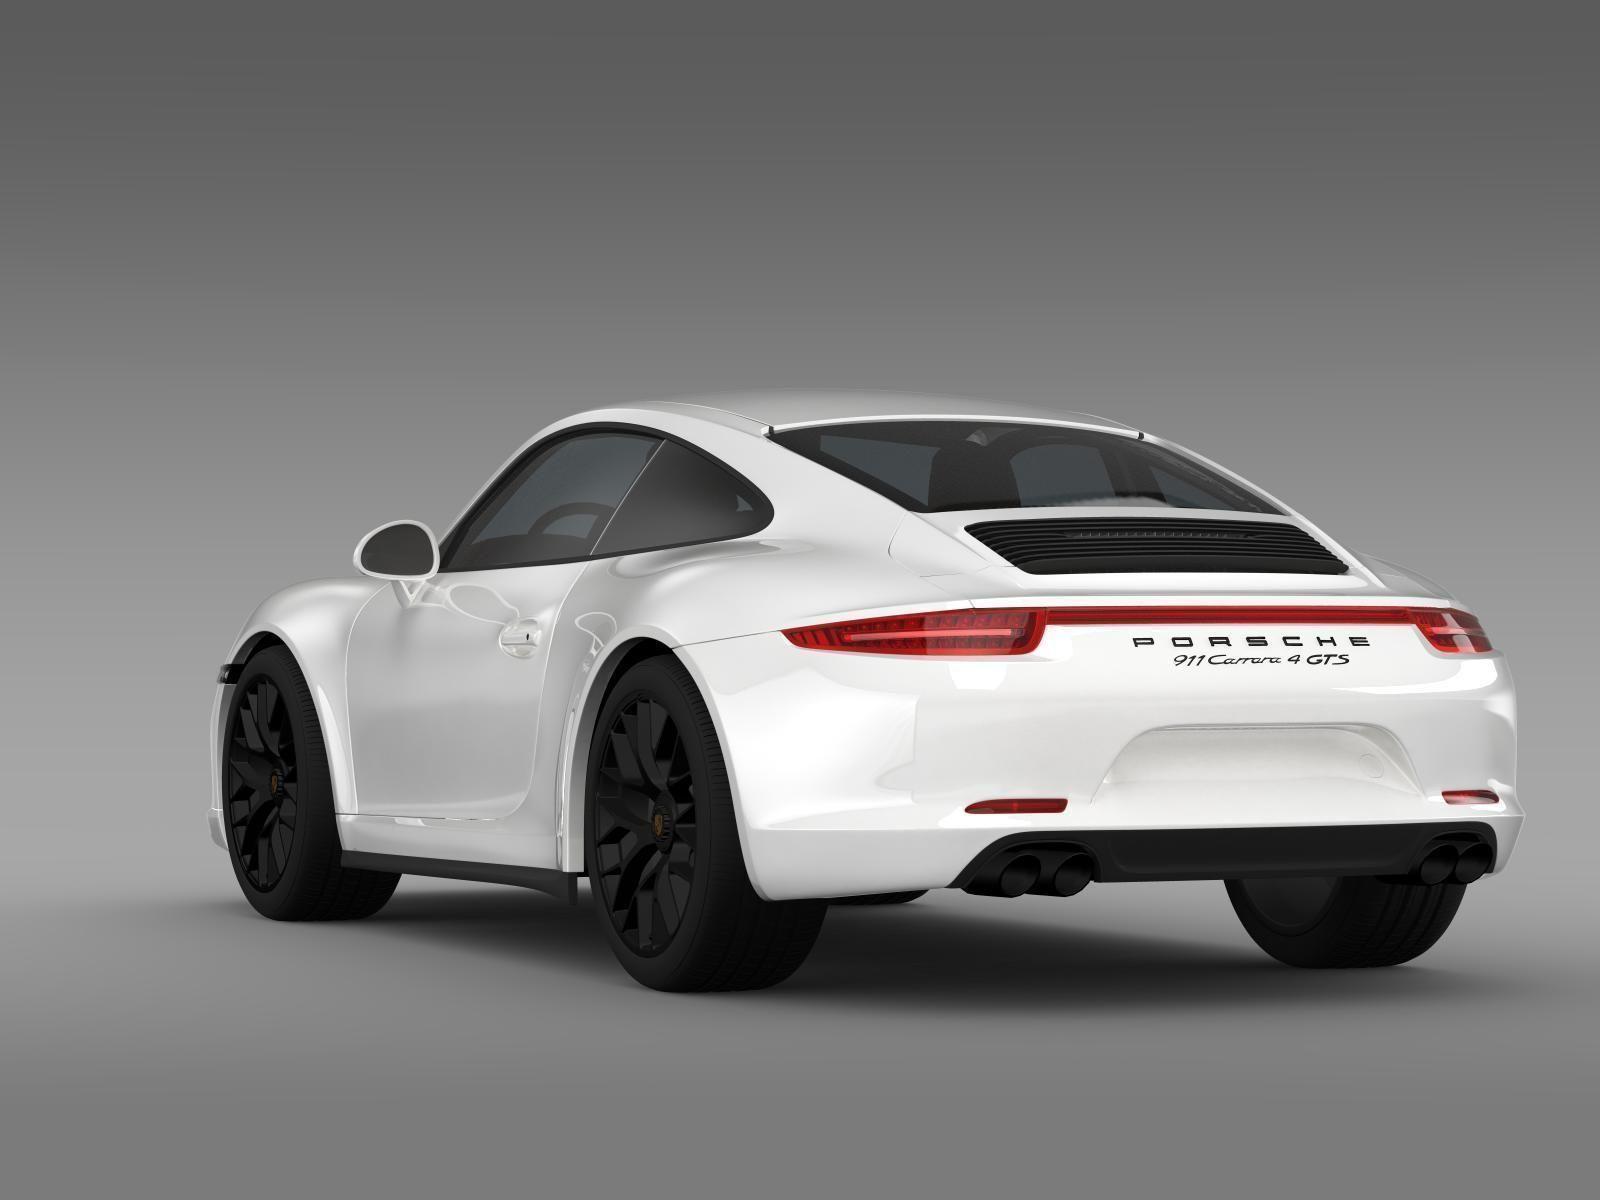 porsche 911 carrera 4 gts coupe 991 2015 3d model max obj 3ds fbx c4d lwo lw lws. Black Bedroom Furniture Sets. Home Design Ideas